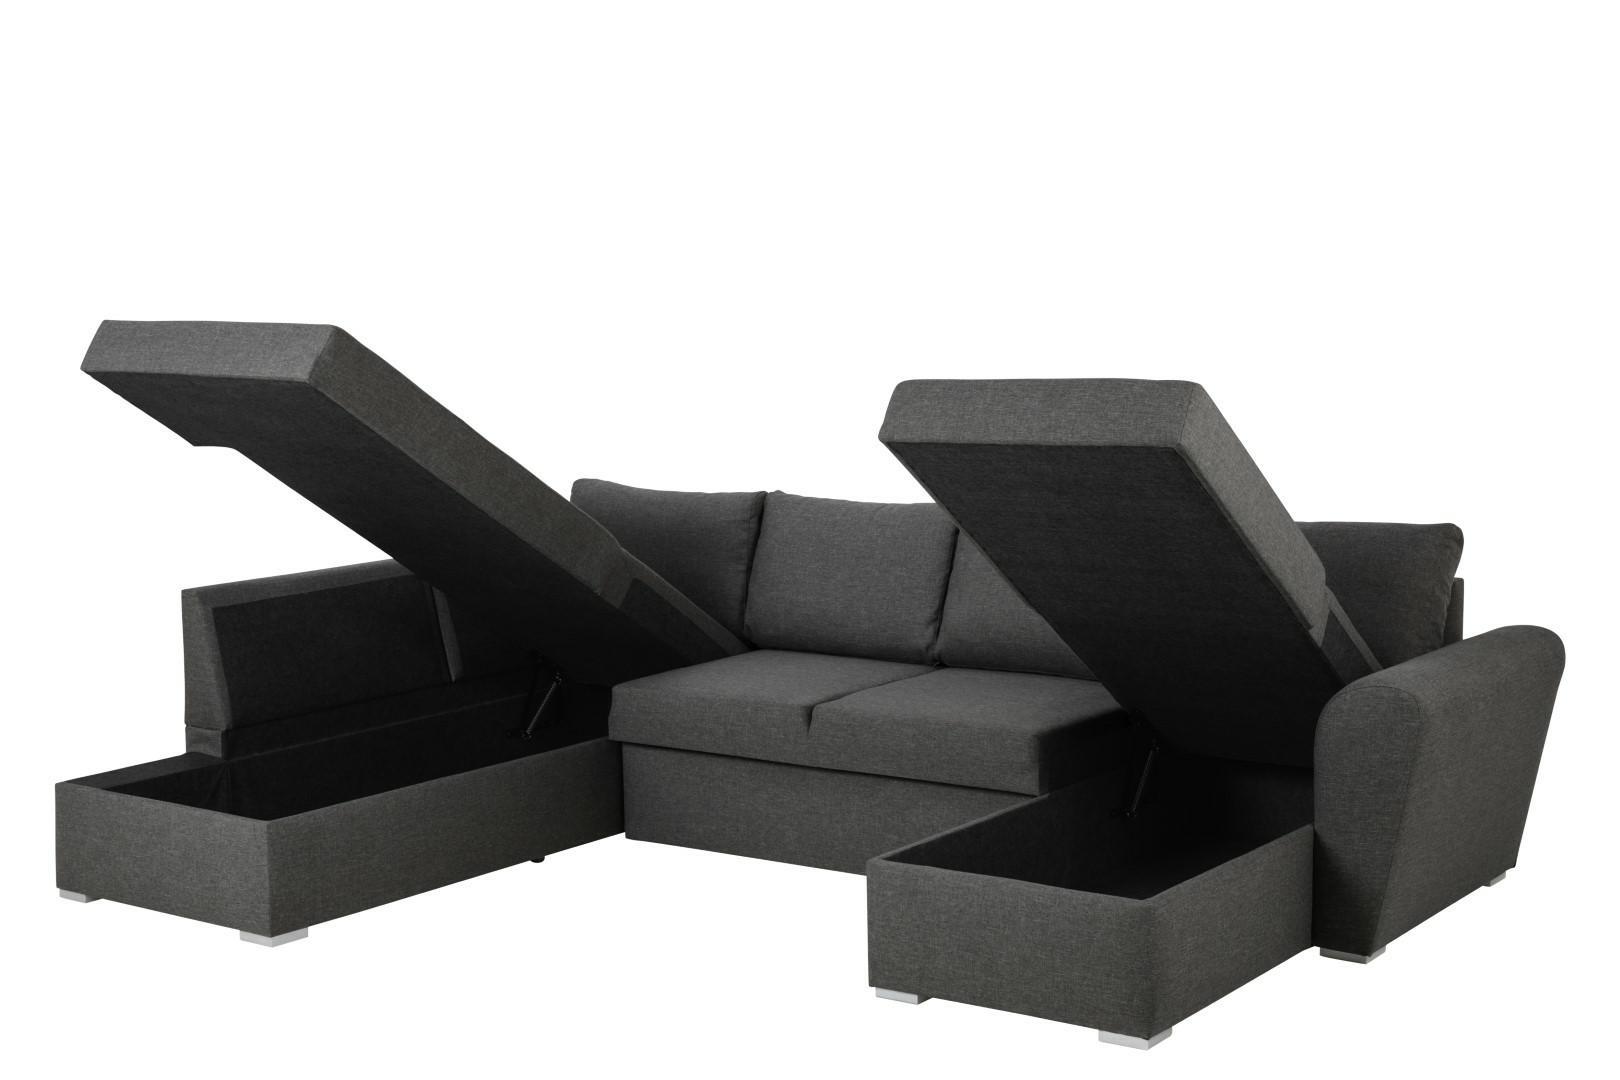 Narożna sofa Stanford Lux  rozkładana Sz ara lewa - zdjęcie nr 4